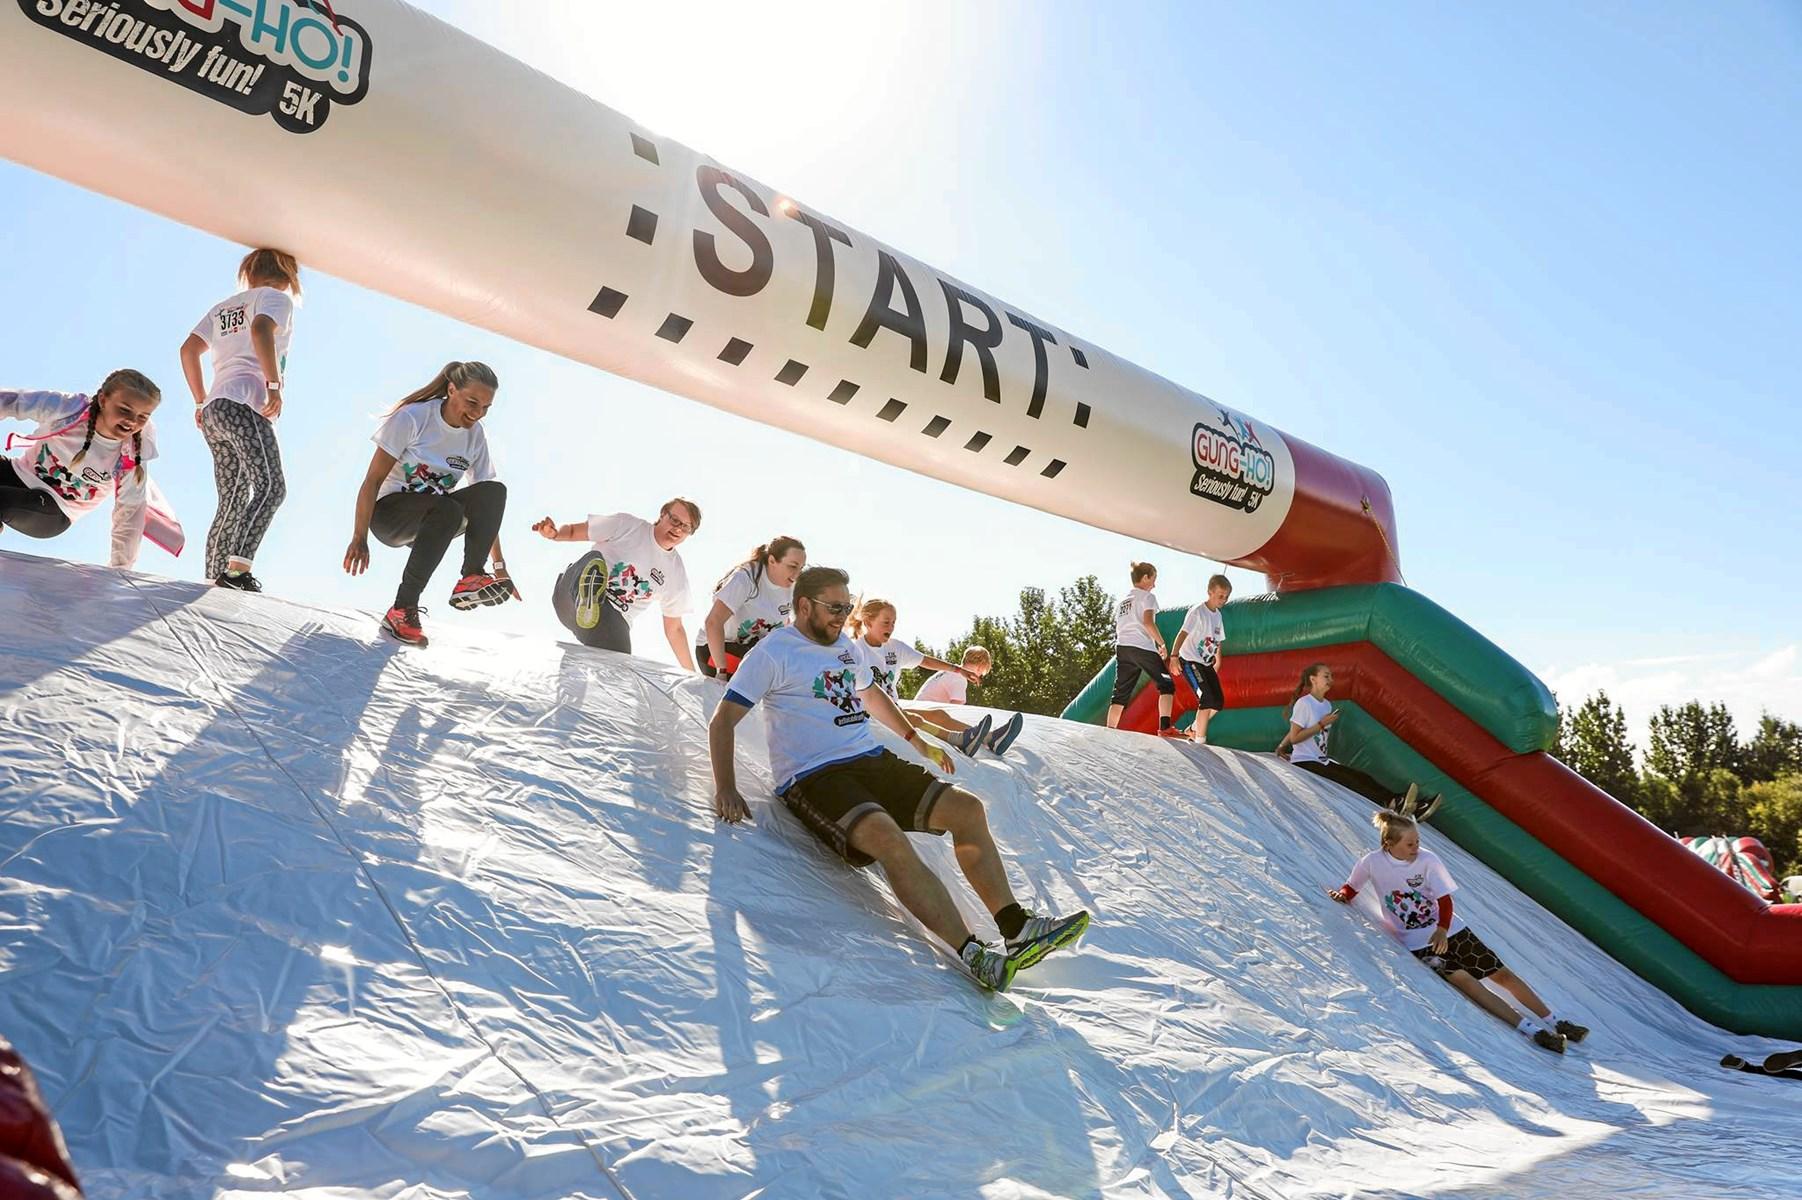 Gung-Ho er et kæmpe fun-run og forhindringsløb med oppustelige forhindringer. Foto: Gung-Ho Danmark